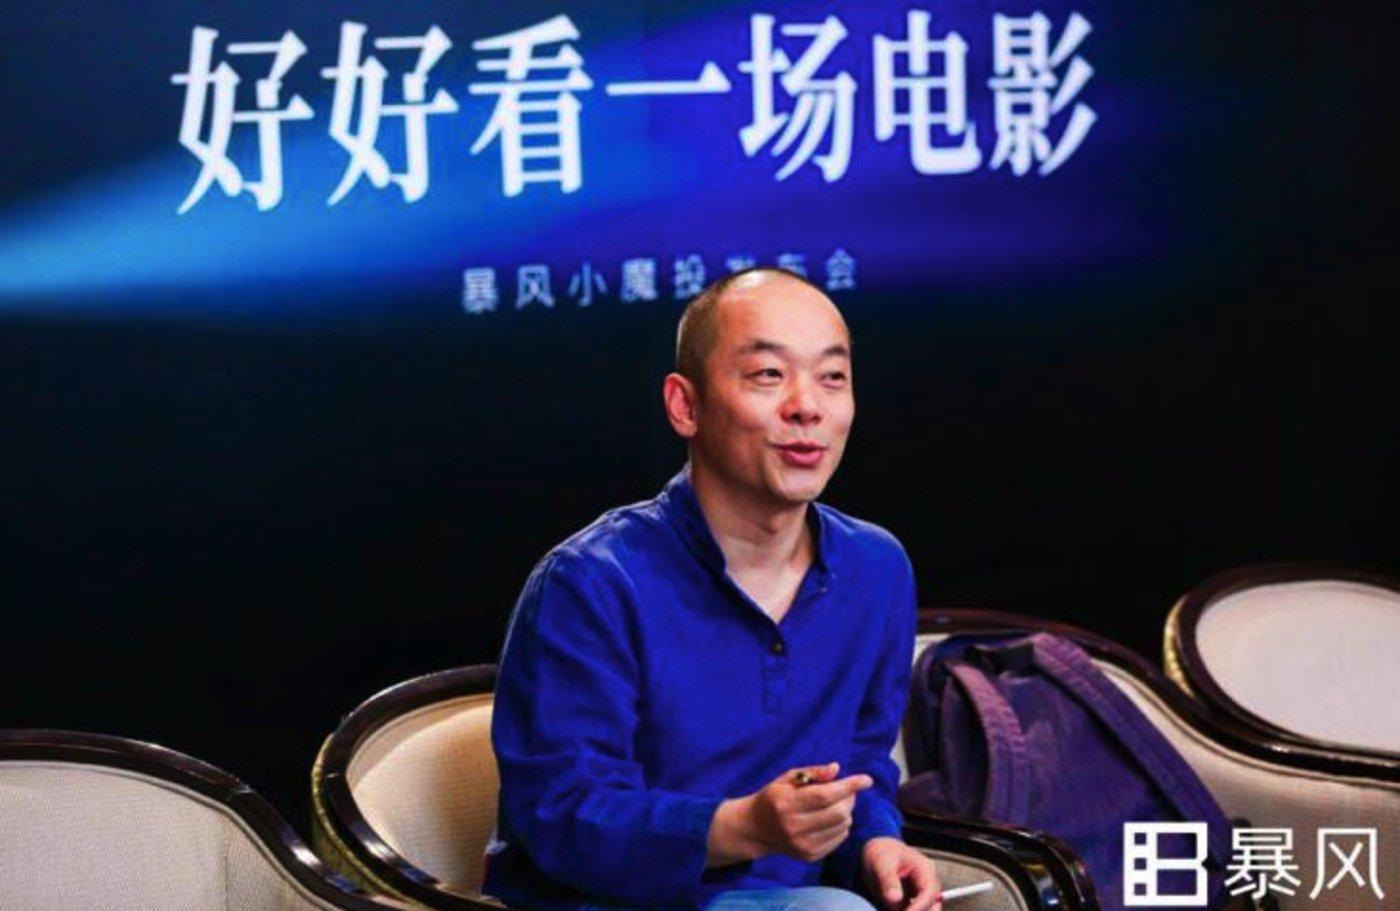 暴风集团创始人 冯鑫